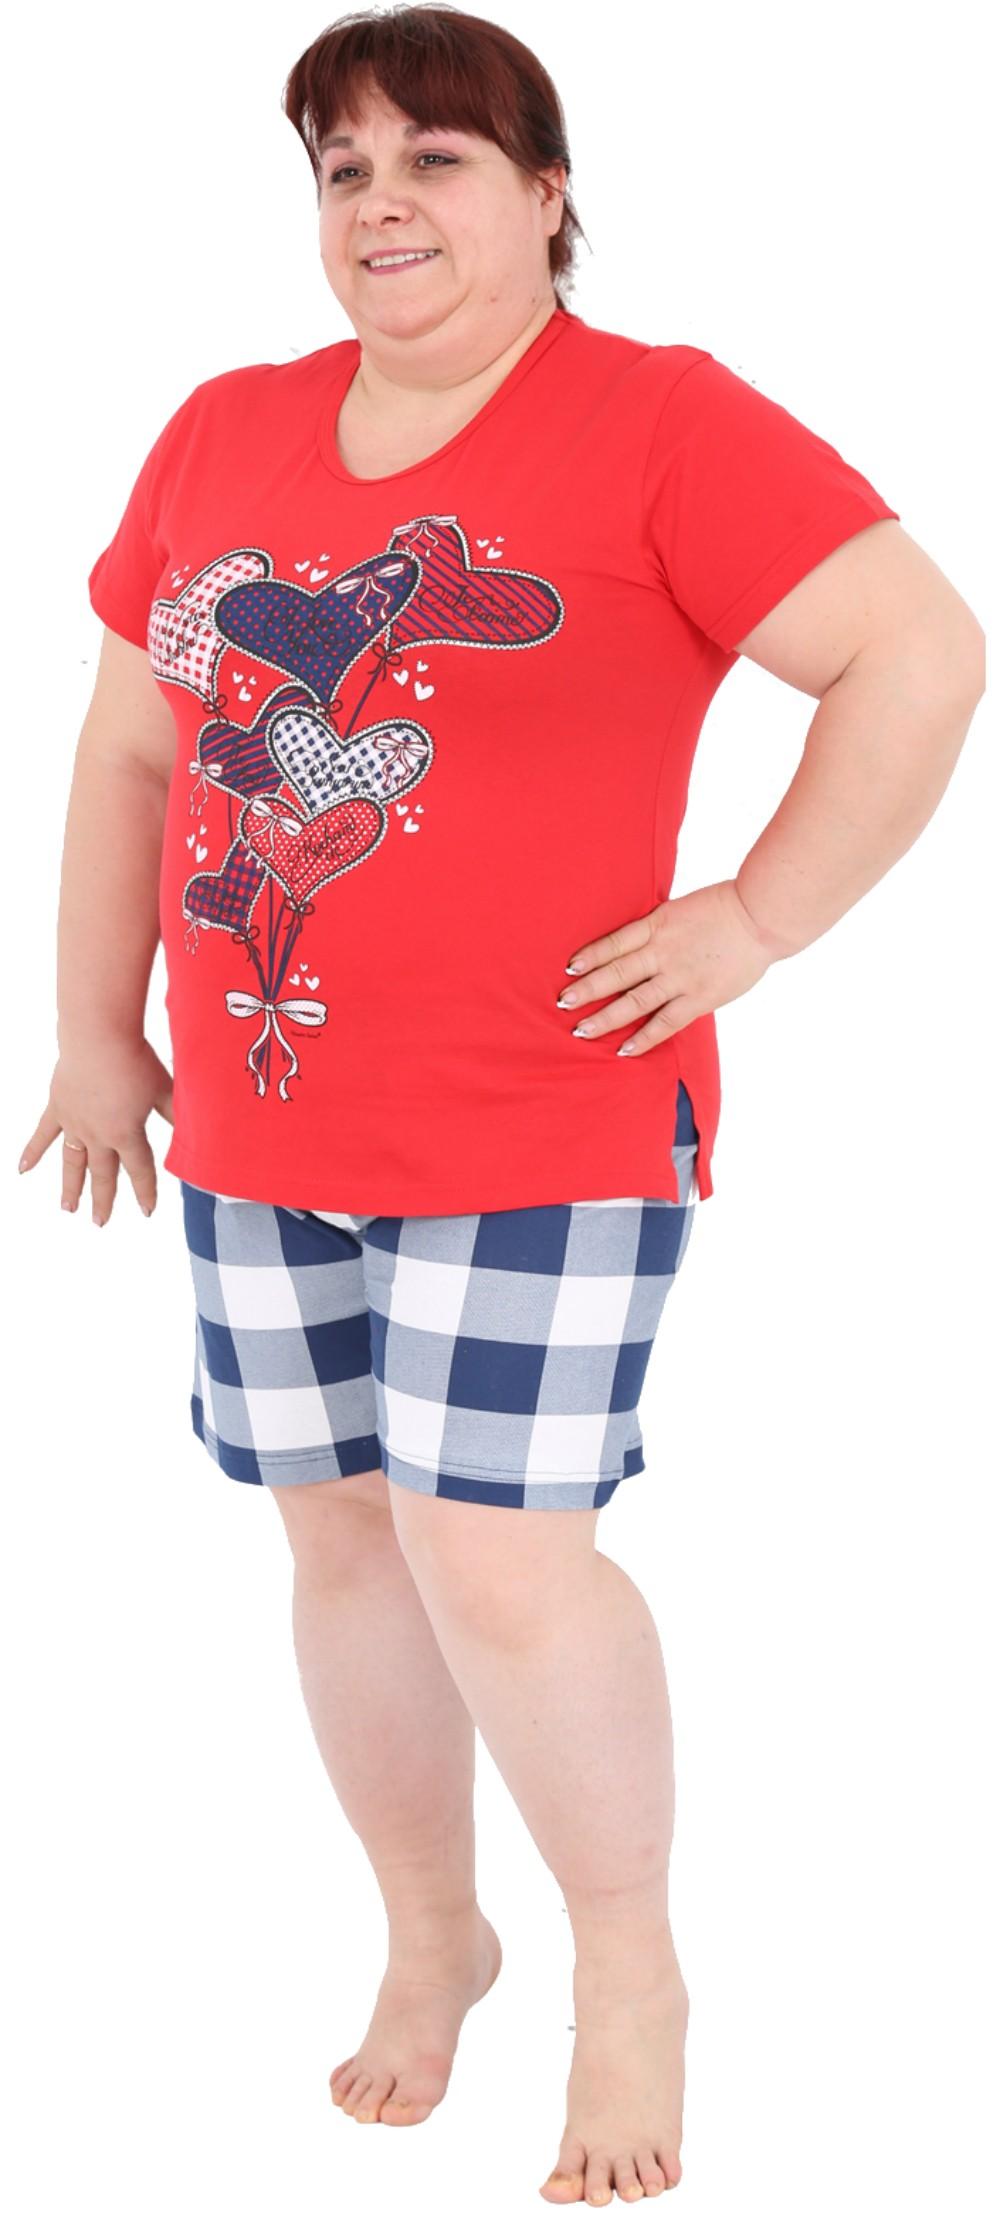 a03133f102 Pijama Talla Grande Corto Manga Corta Mujer Globo - Moda y Pijamas